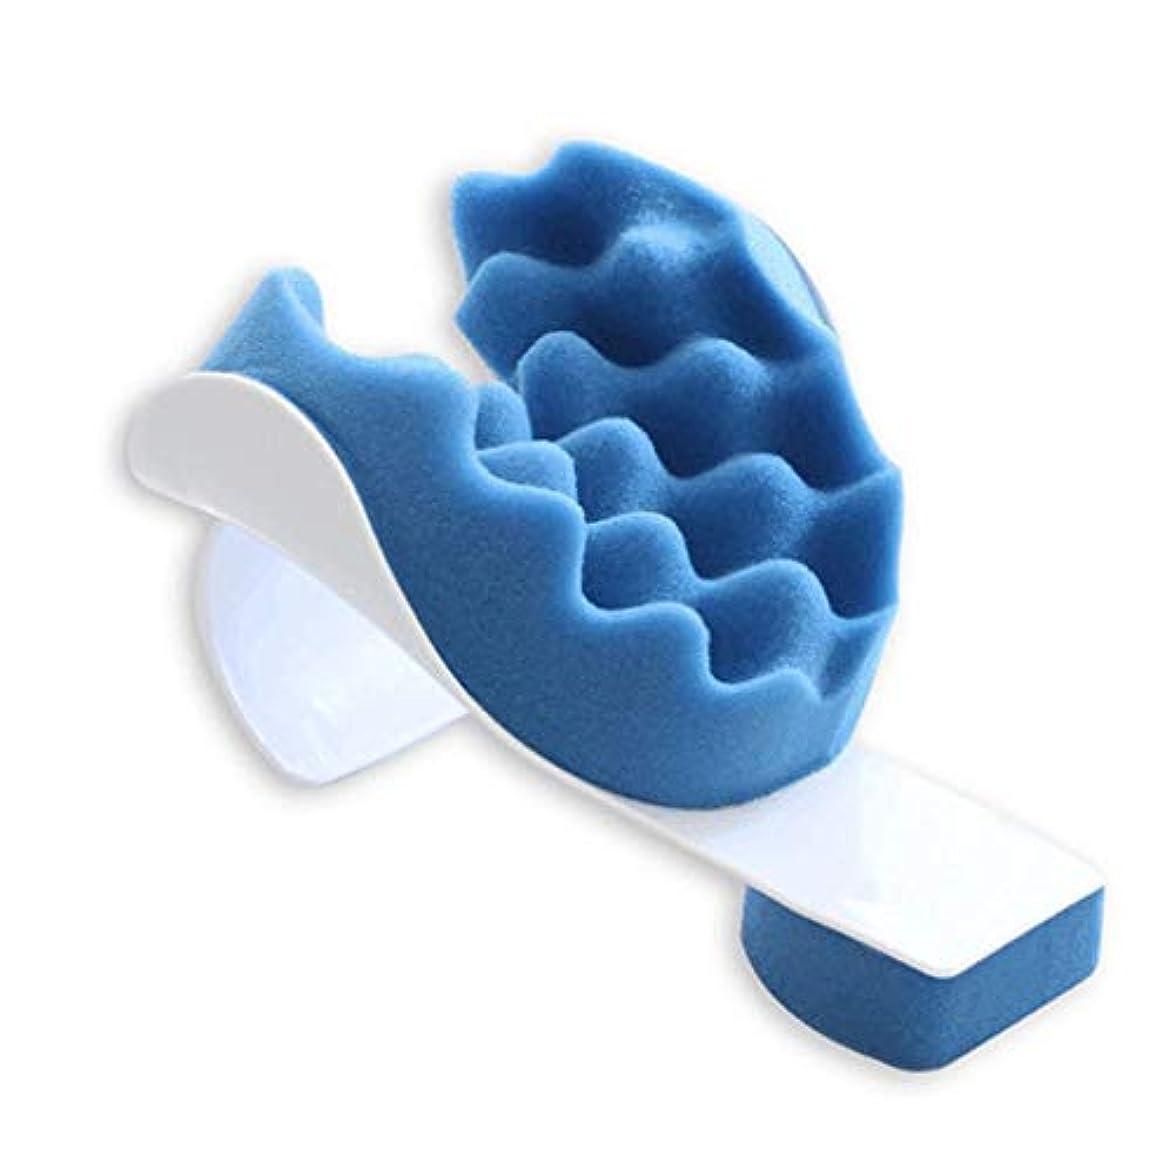 目を覚ます冗談で冗談でEsolom マッサージ枕 首と肩のリラクゼーション 首の痛みの緩和 サポート肩リラクゼーションマッサージ牽引枕 ポータブル 頭と首のマッサージ枕